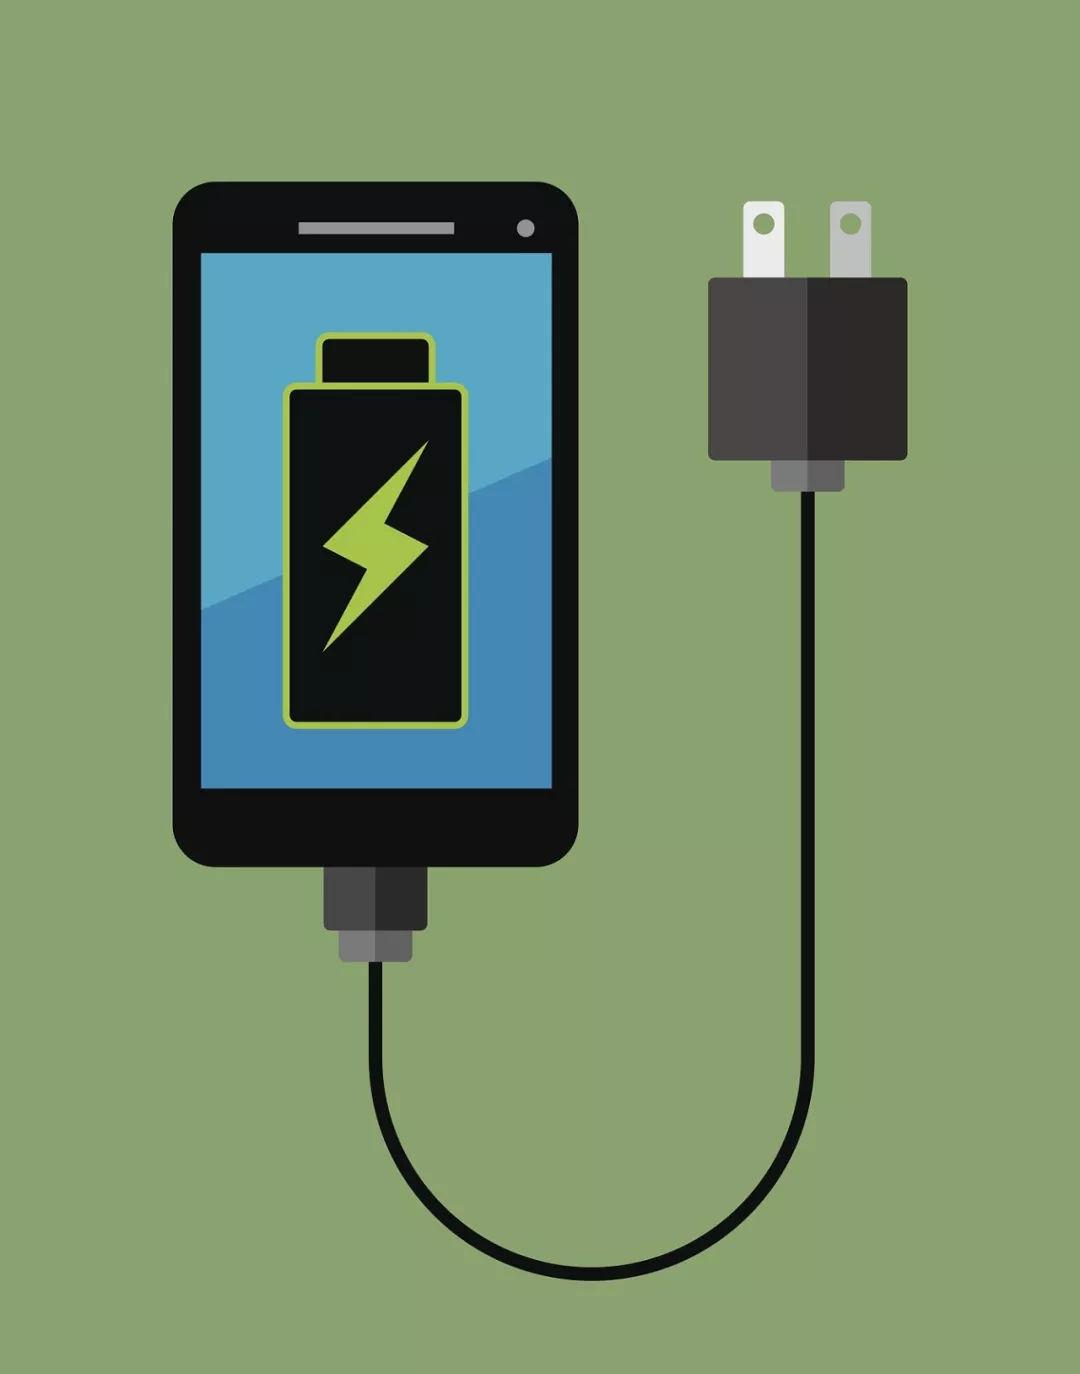 手机充电越充越慢?原来这些习惯能将快充拖为慢充!